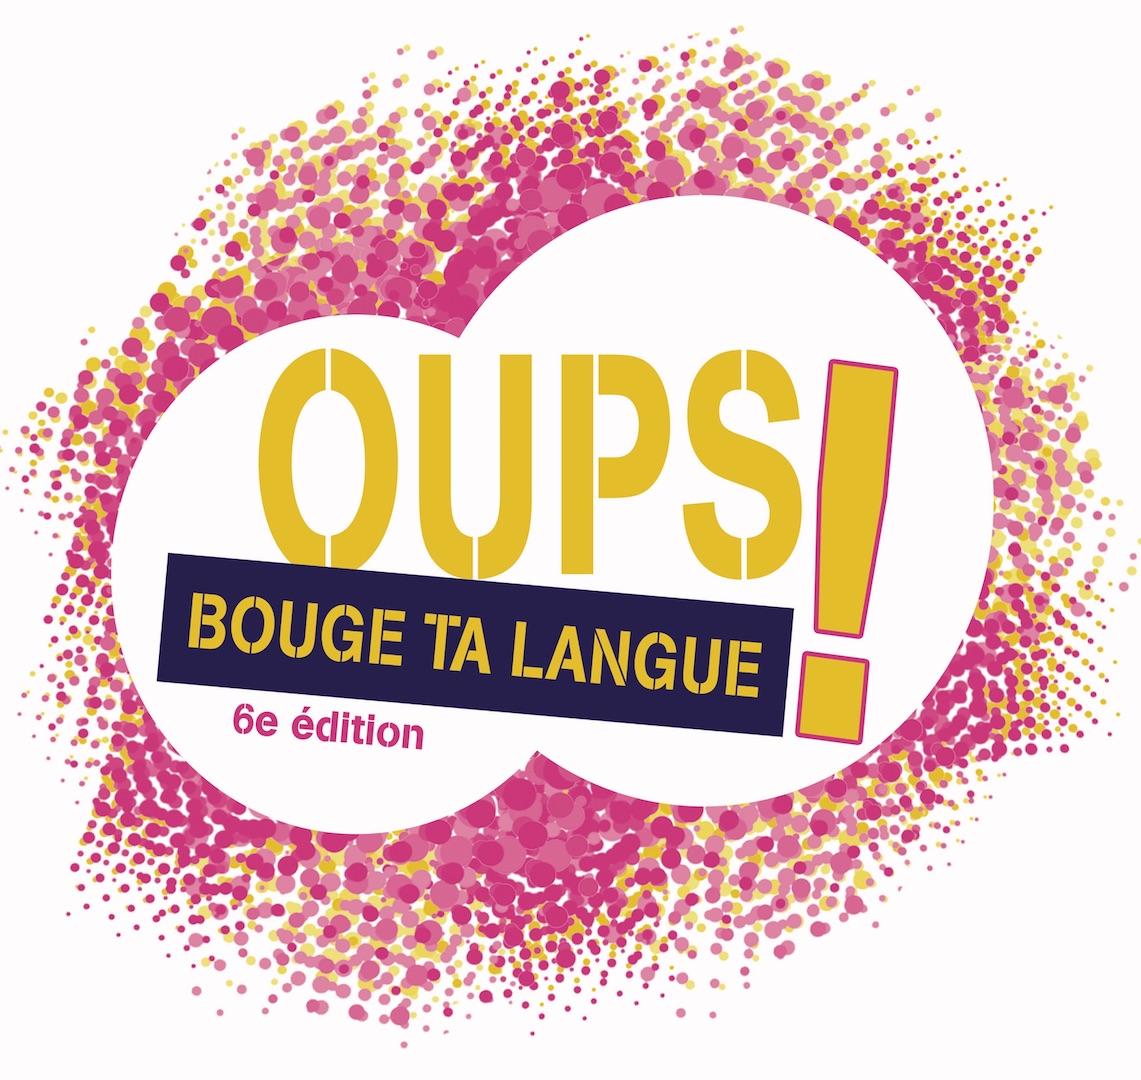 Bouge la langue